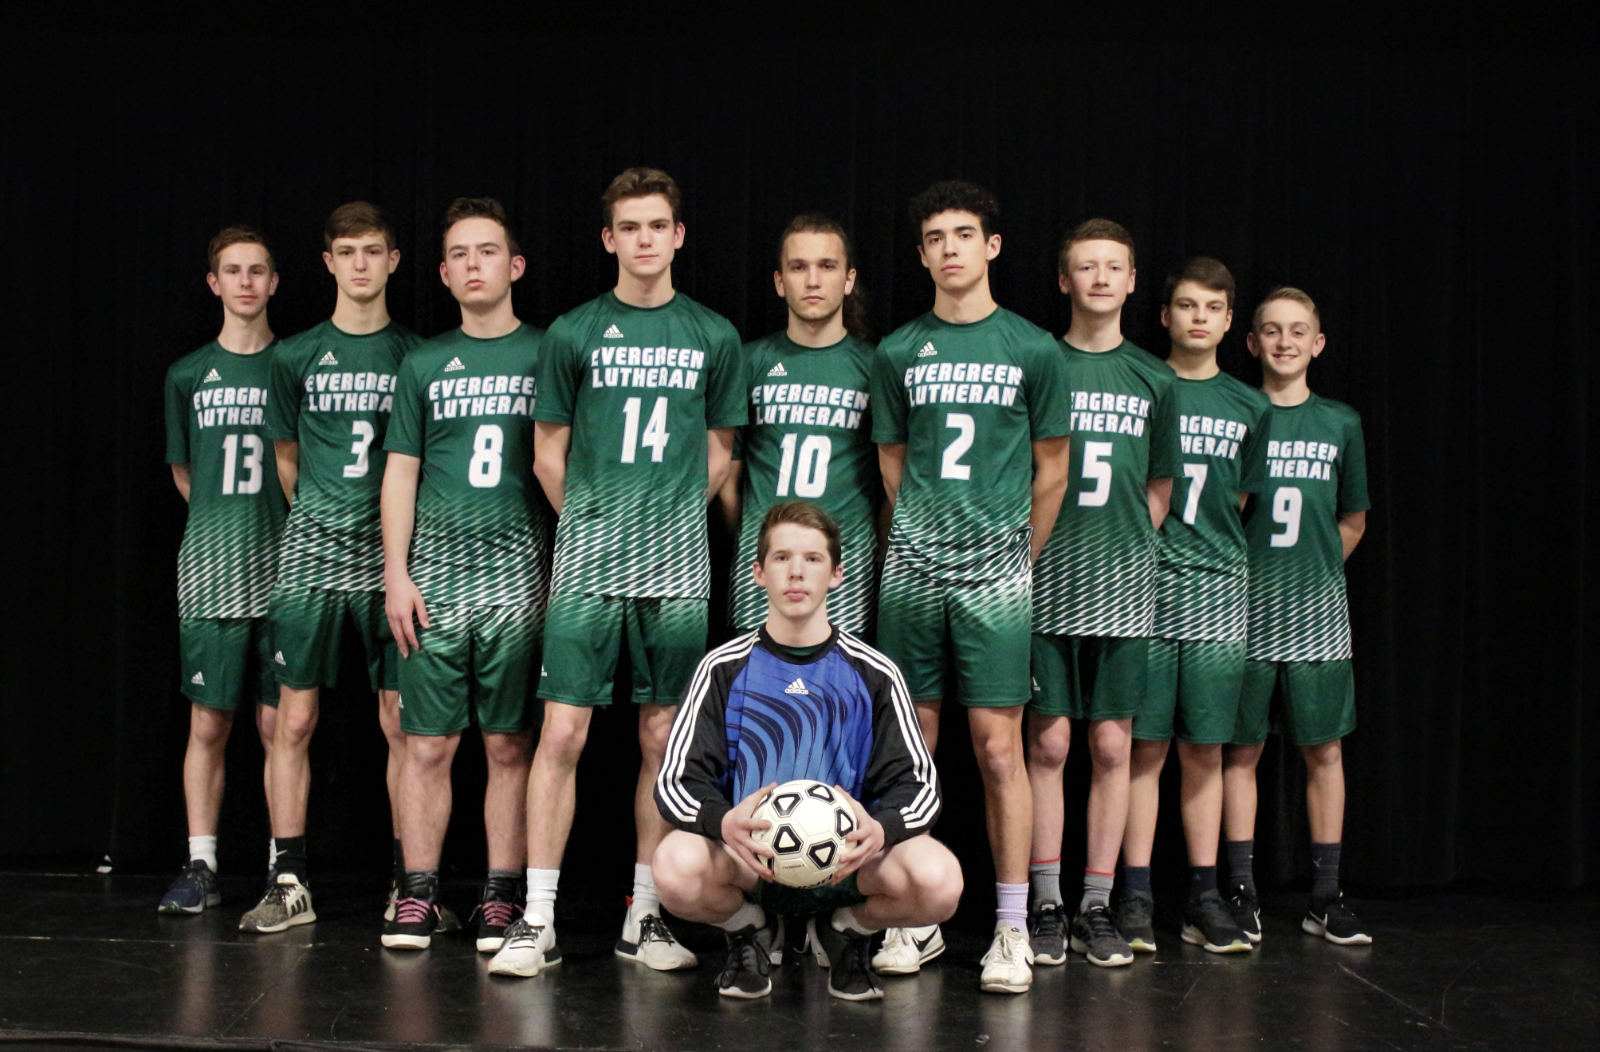 2021 ELHS Boys Soccer Team Photos